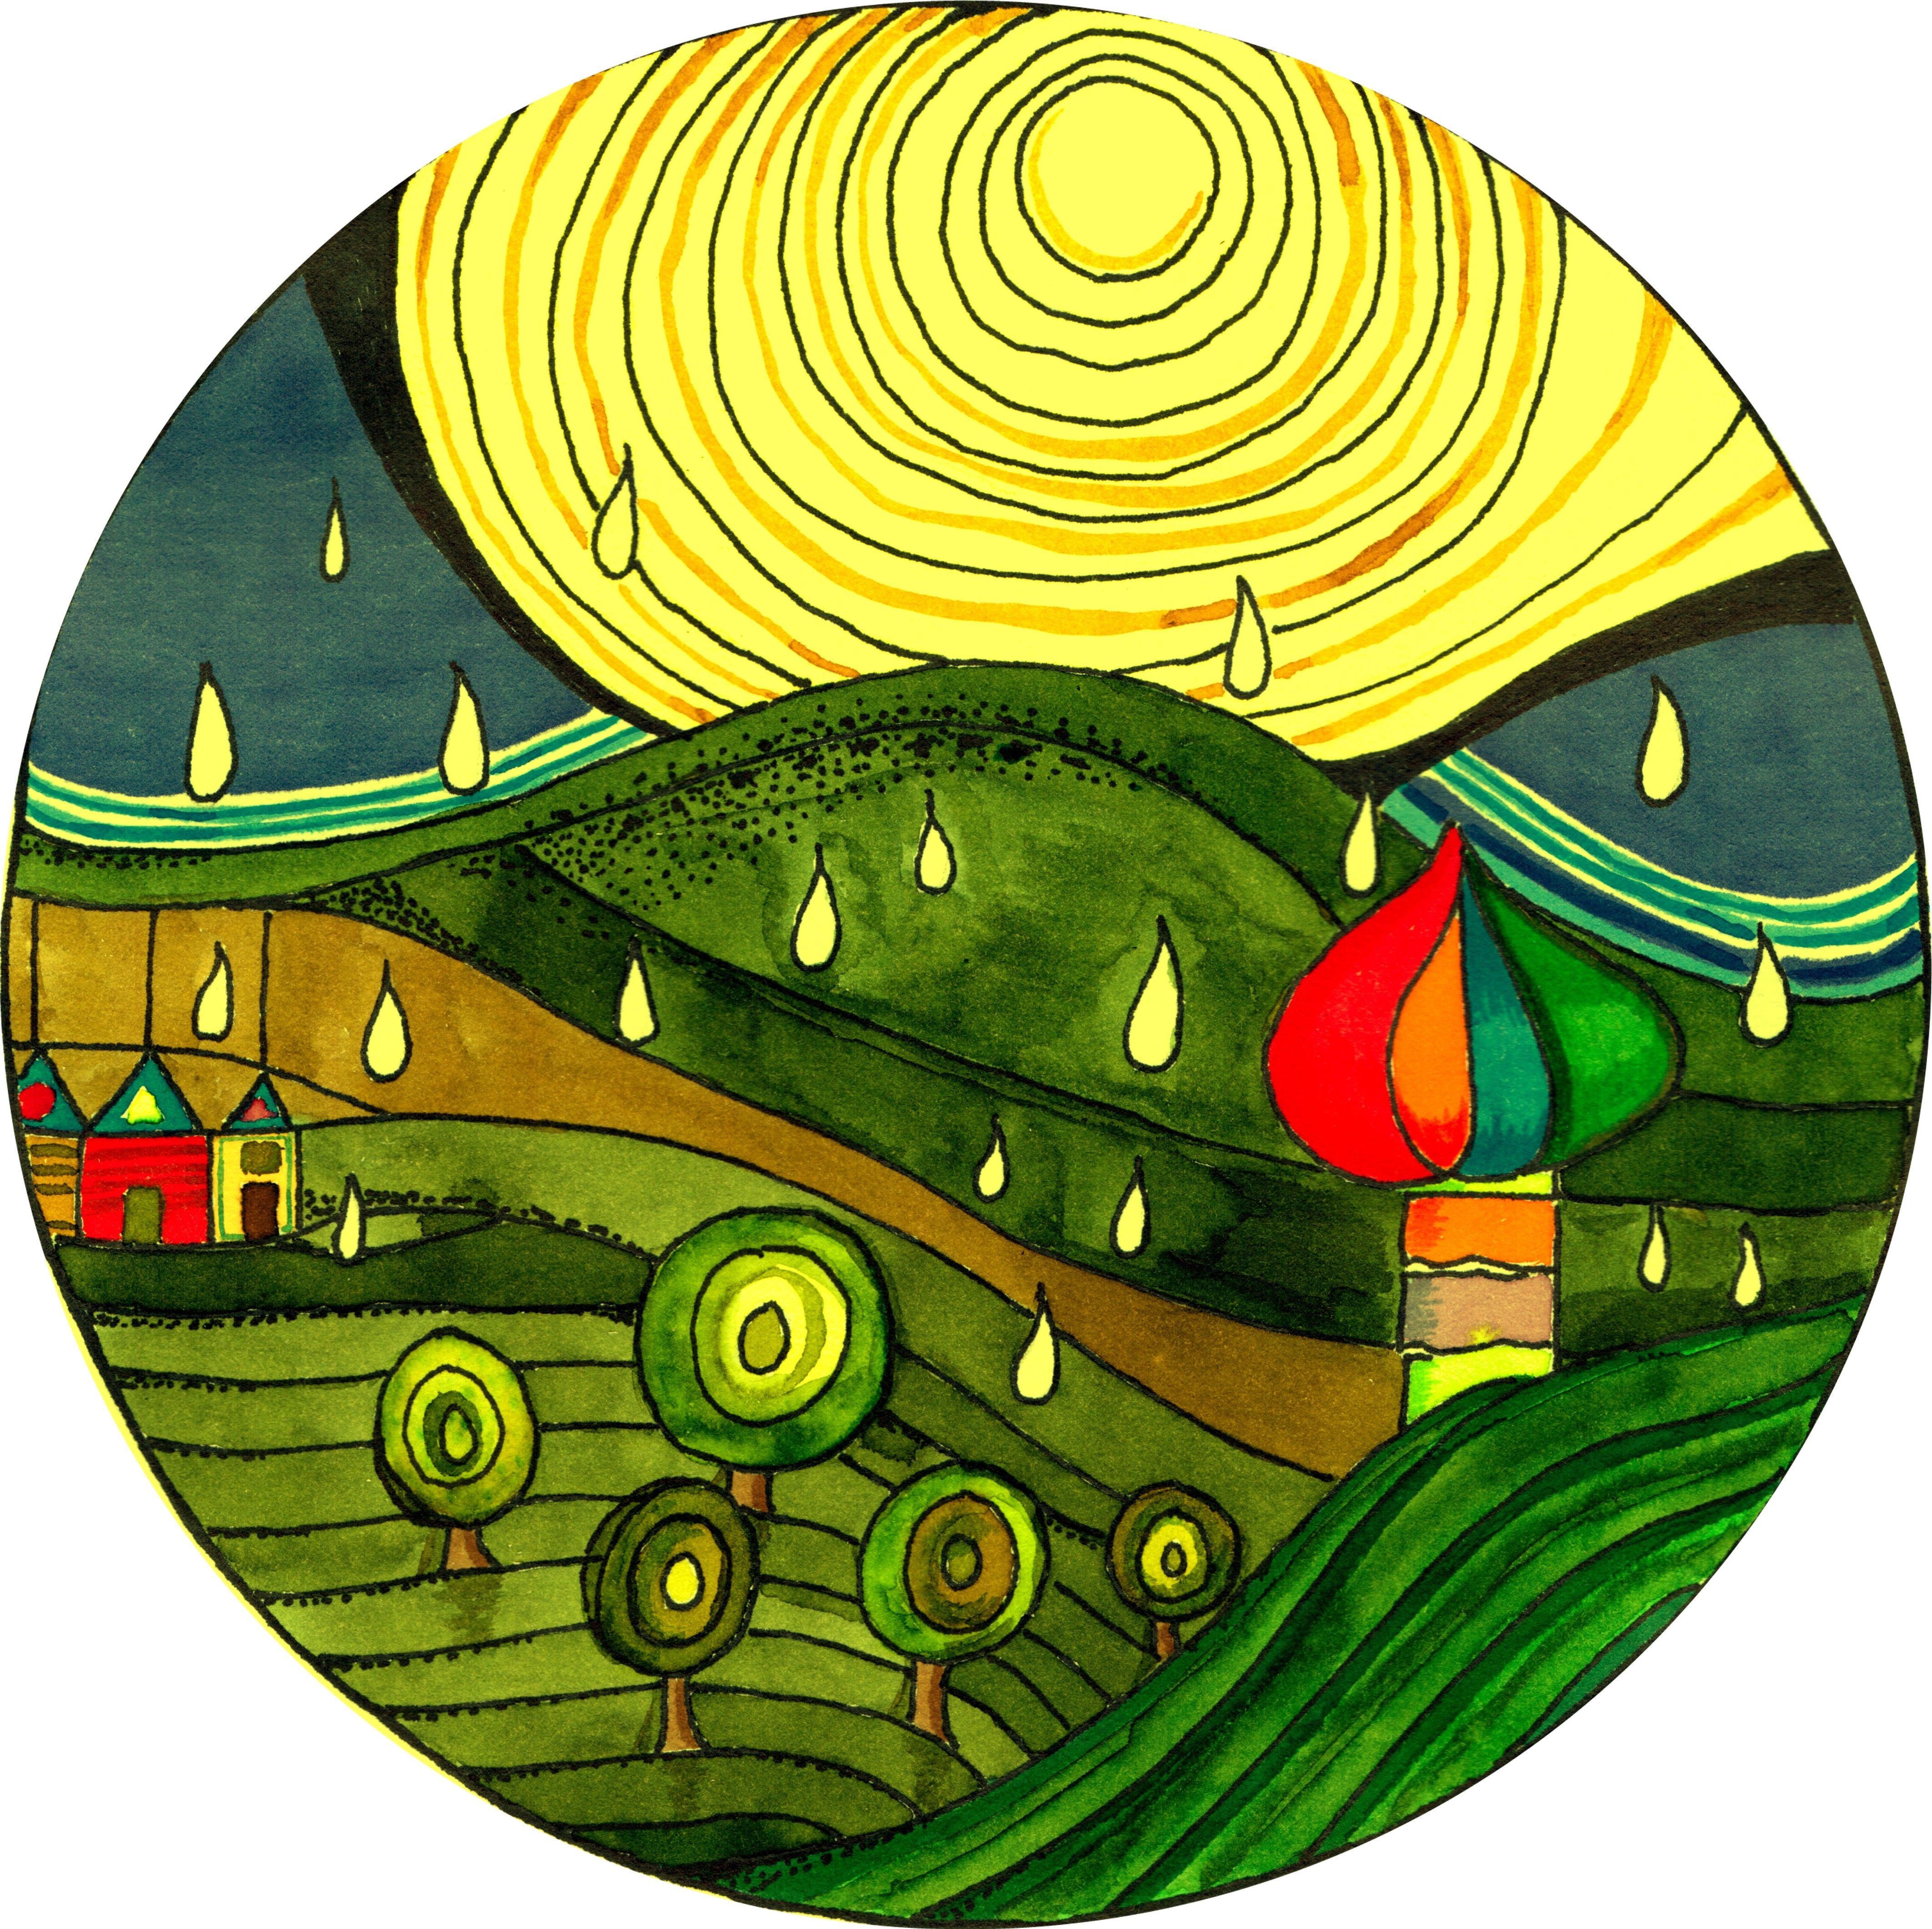 Hundertwasser 3 Verfkunst Inspirerende Kunst Onderwijzen Van De Kunst